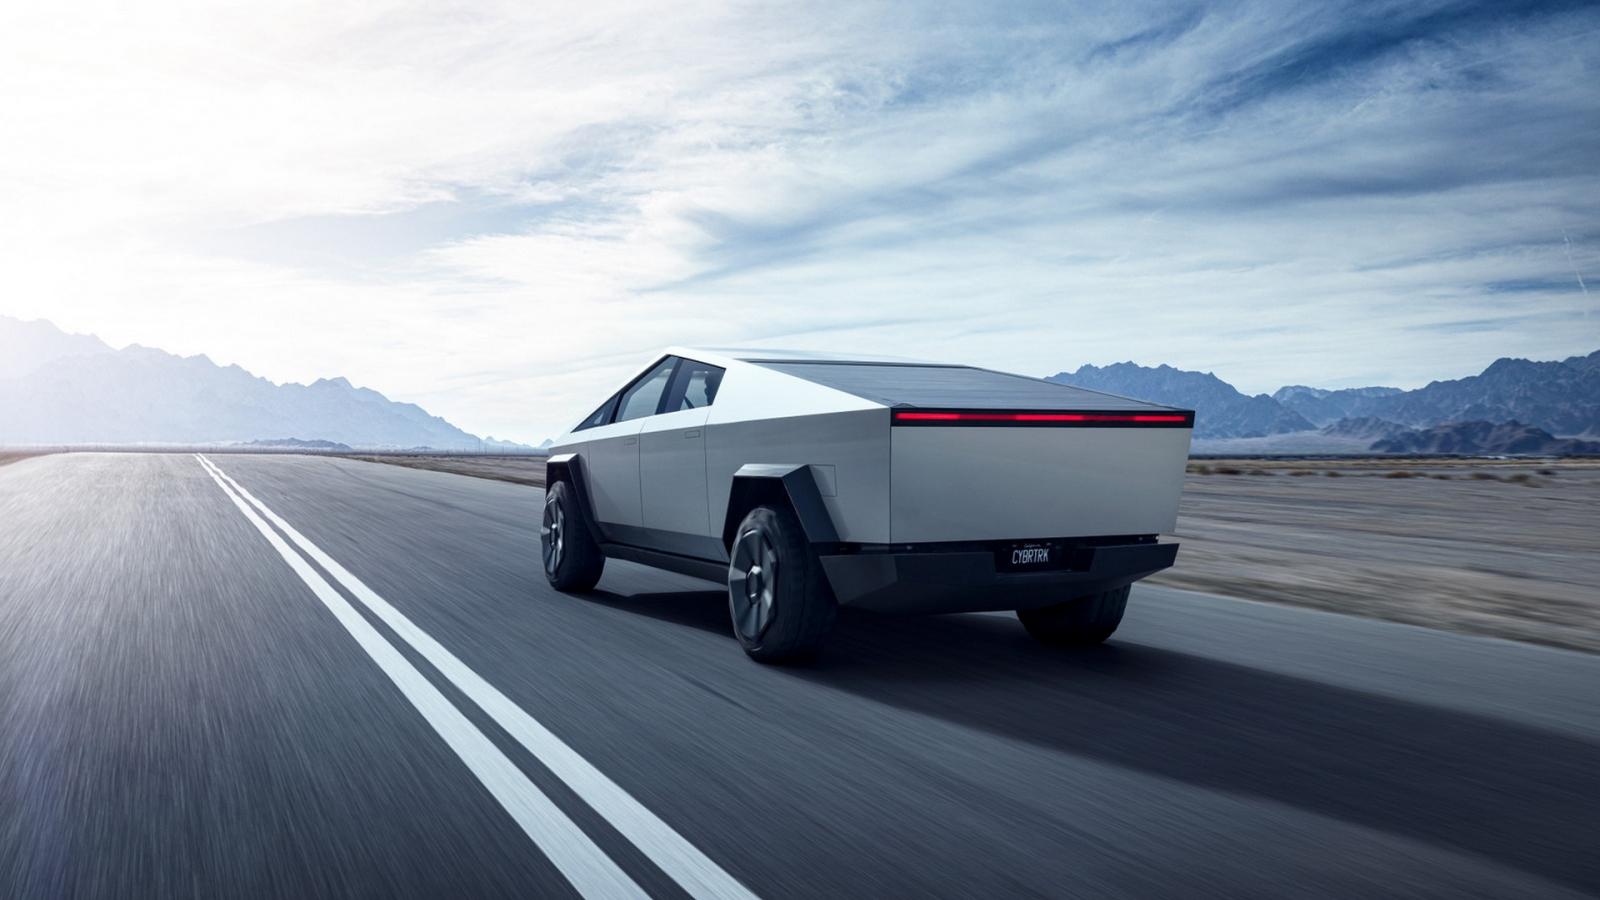 Xe bán tải chạy điện Tesla Cybertruck sẽ tạm hoãn sản xuất đến 2022